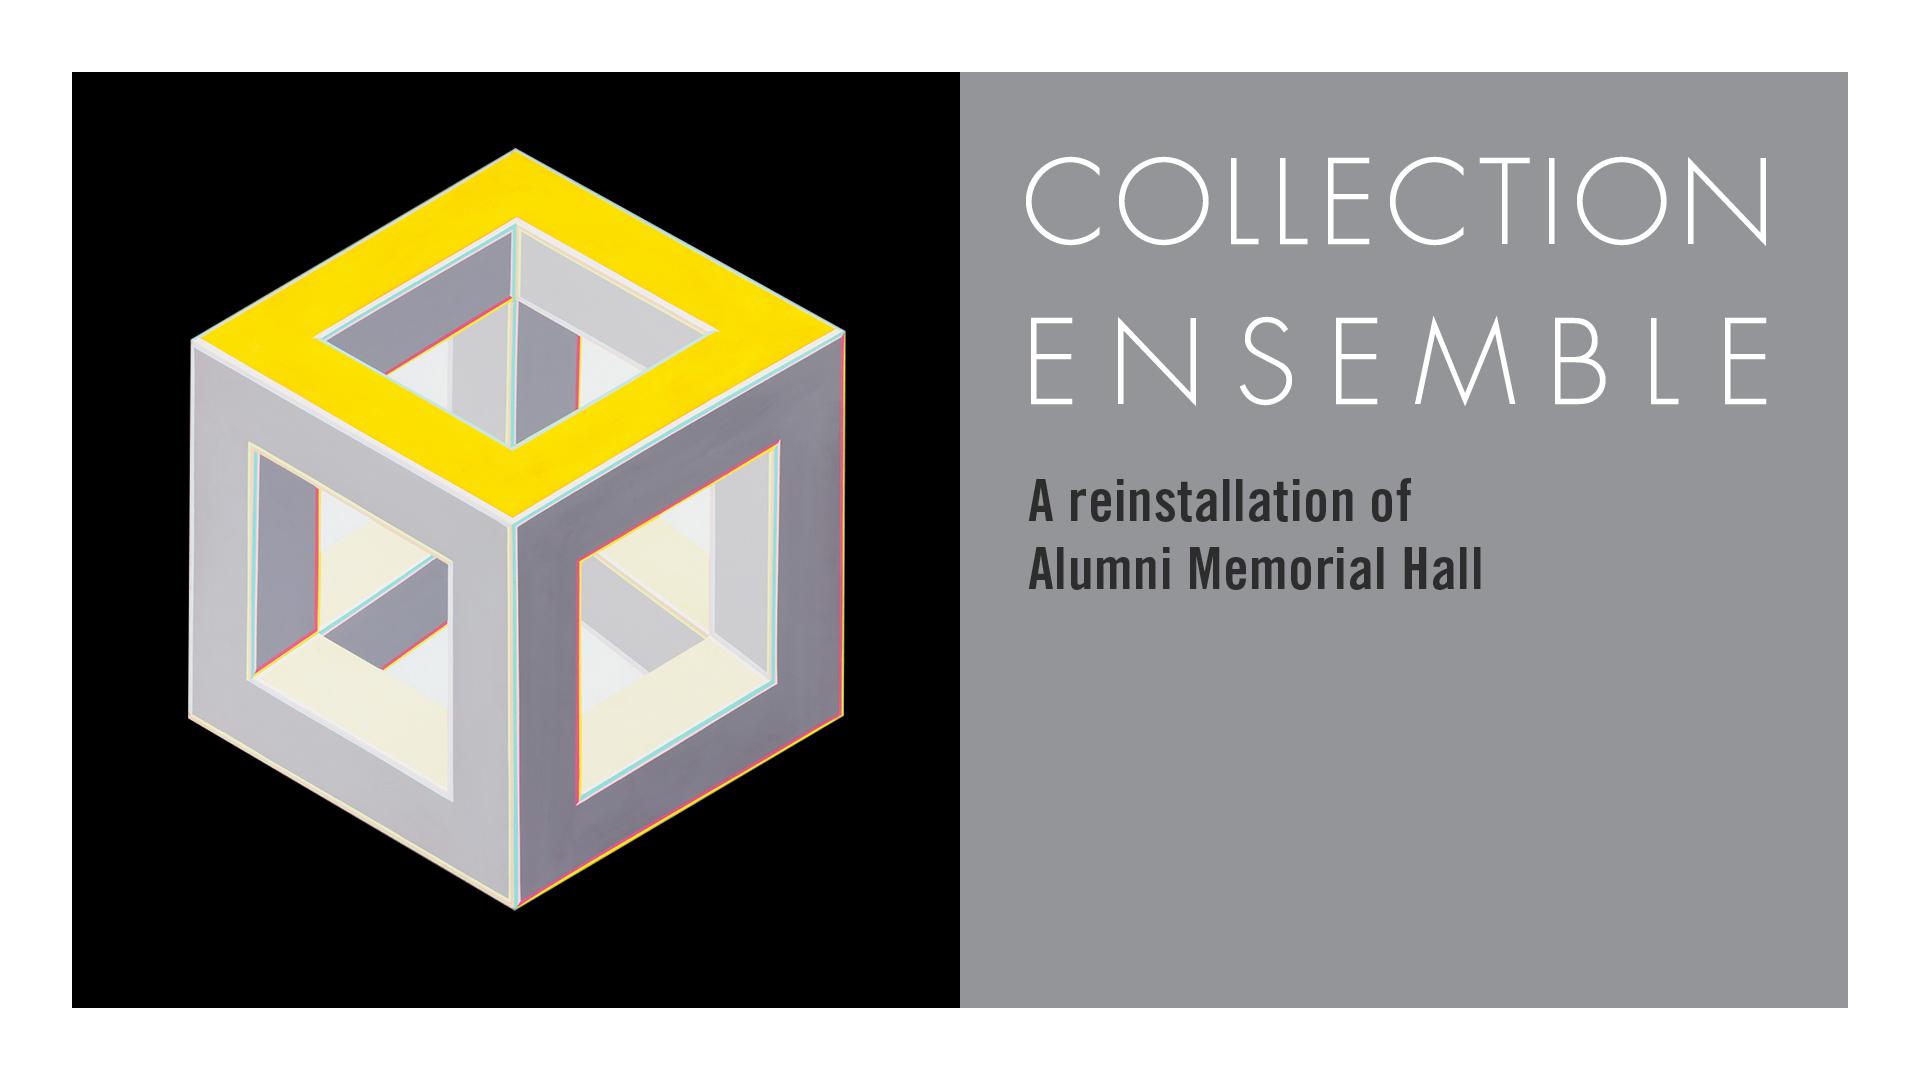 Collection Ensemble